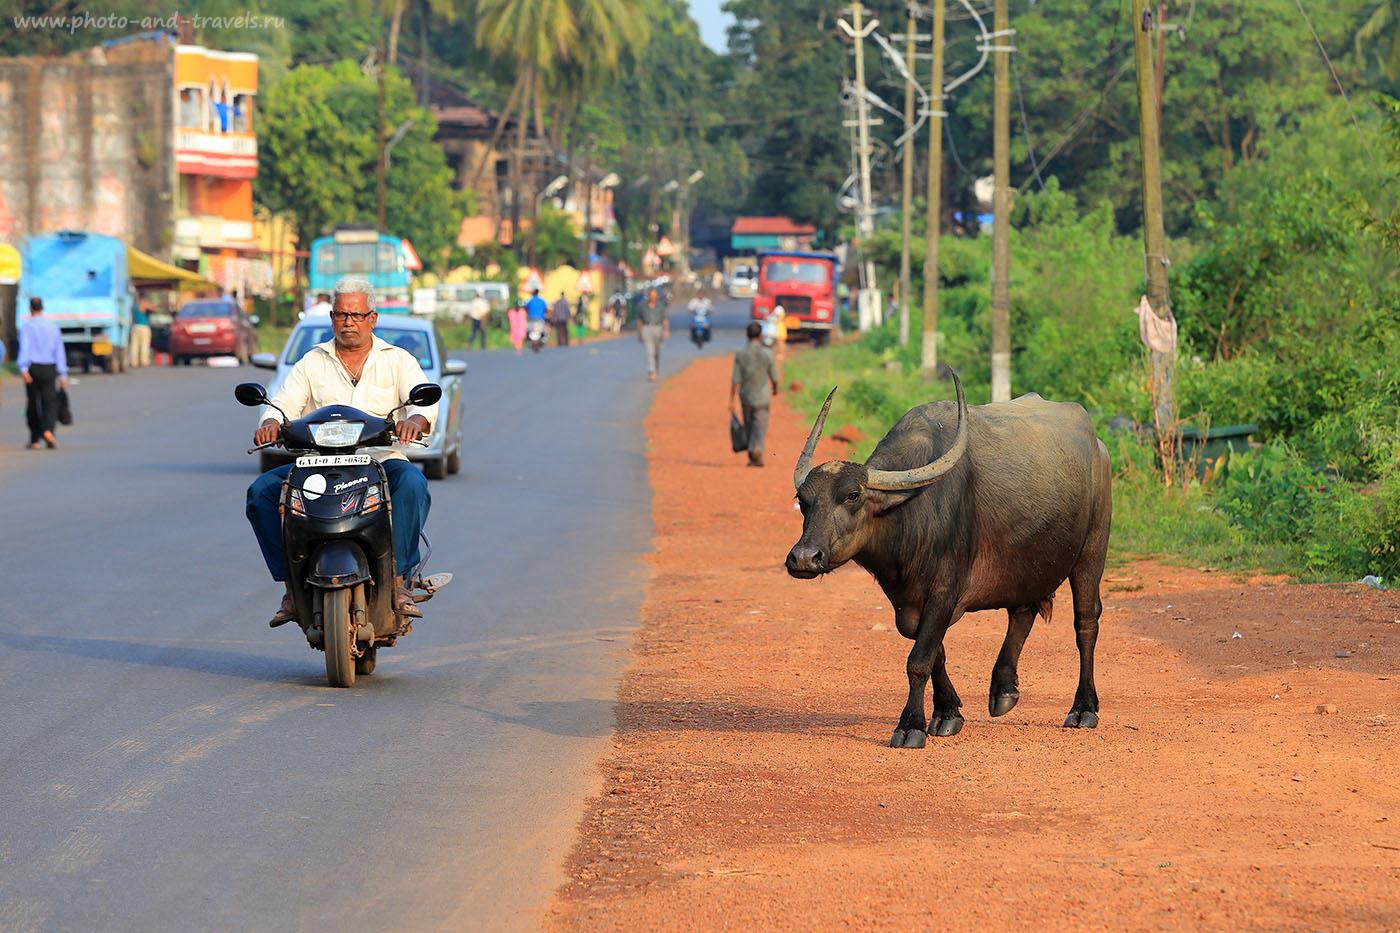 Фото 3. Буйвол на дороге. Отзыв об отдыхе на Гоа в октябре (70-200, 1/200, 0eV, f8, 191mm, ISO 200)